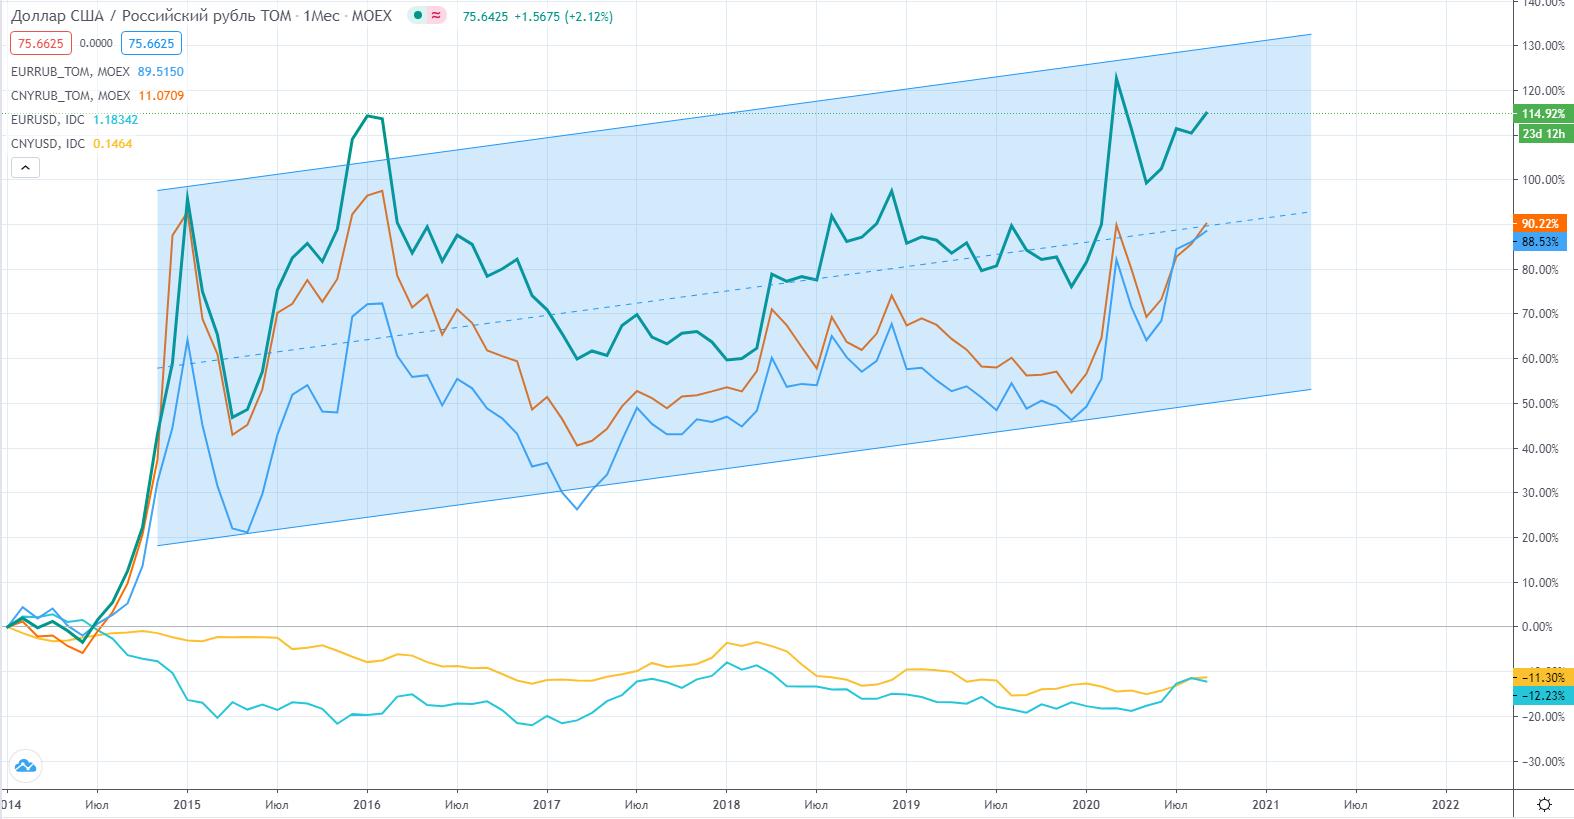 Почему слабеет рубль и каковы предпосылки для его восстановления?